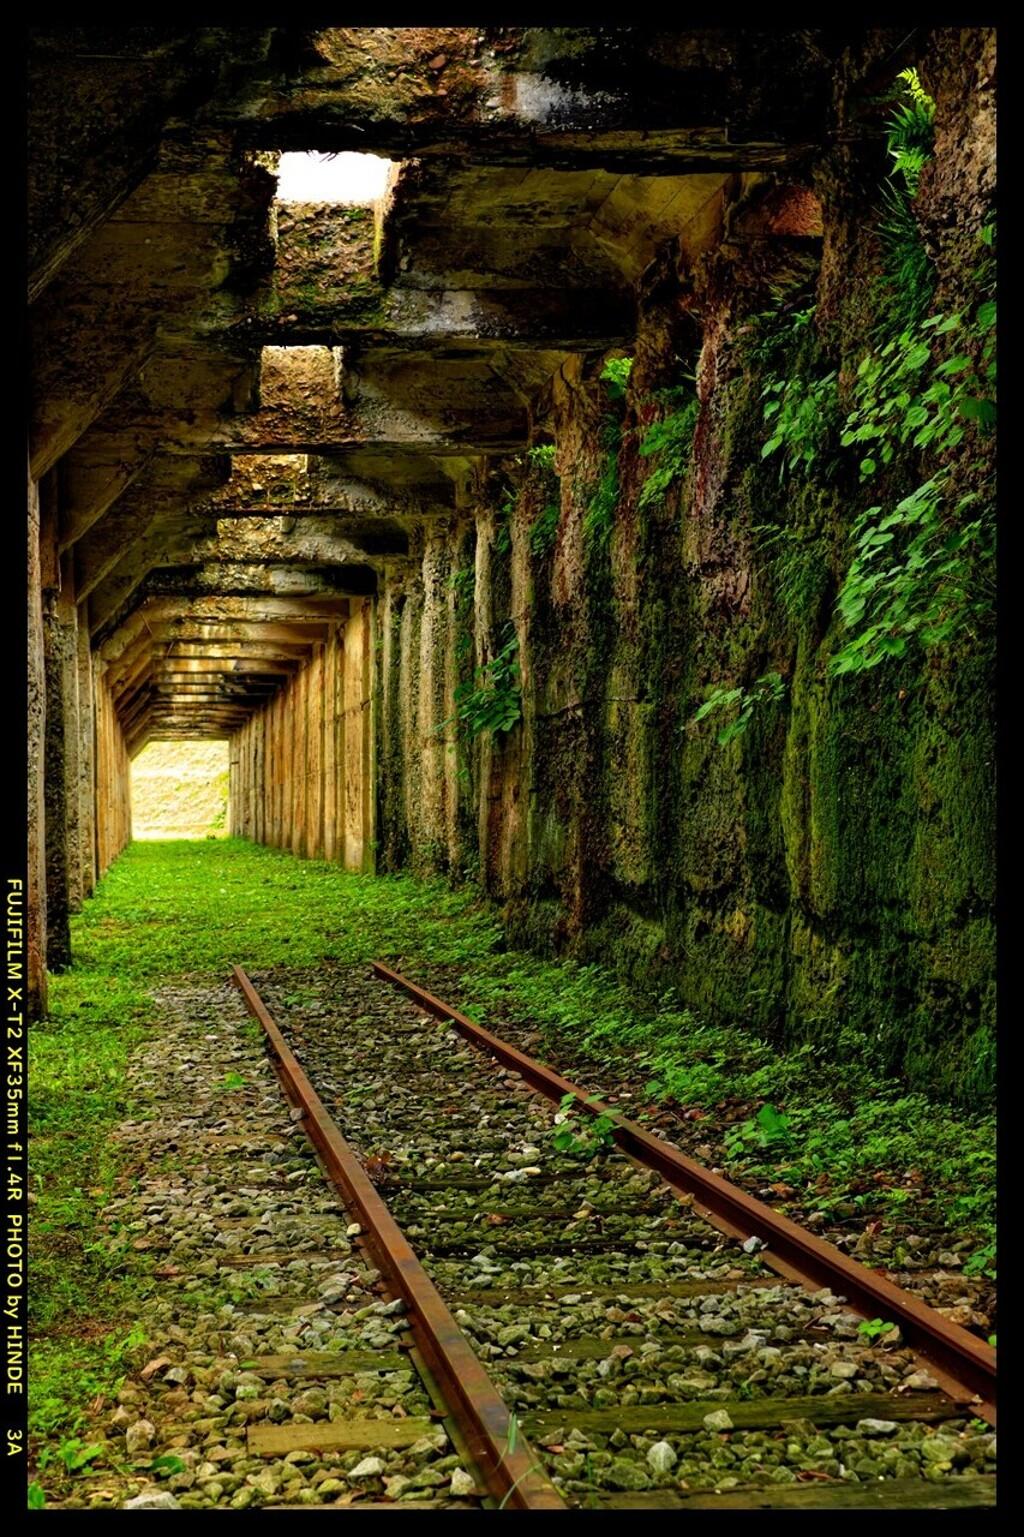 想い出の過去につながる鉄路③